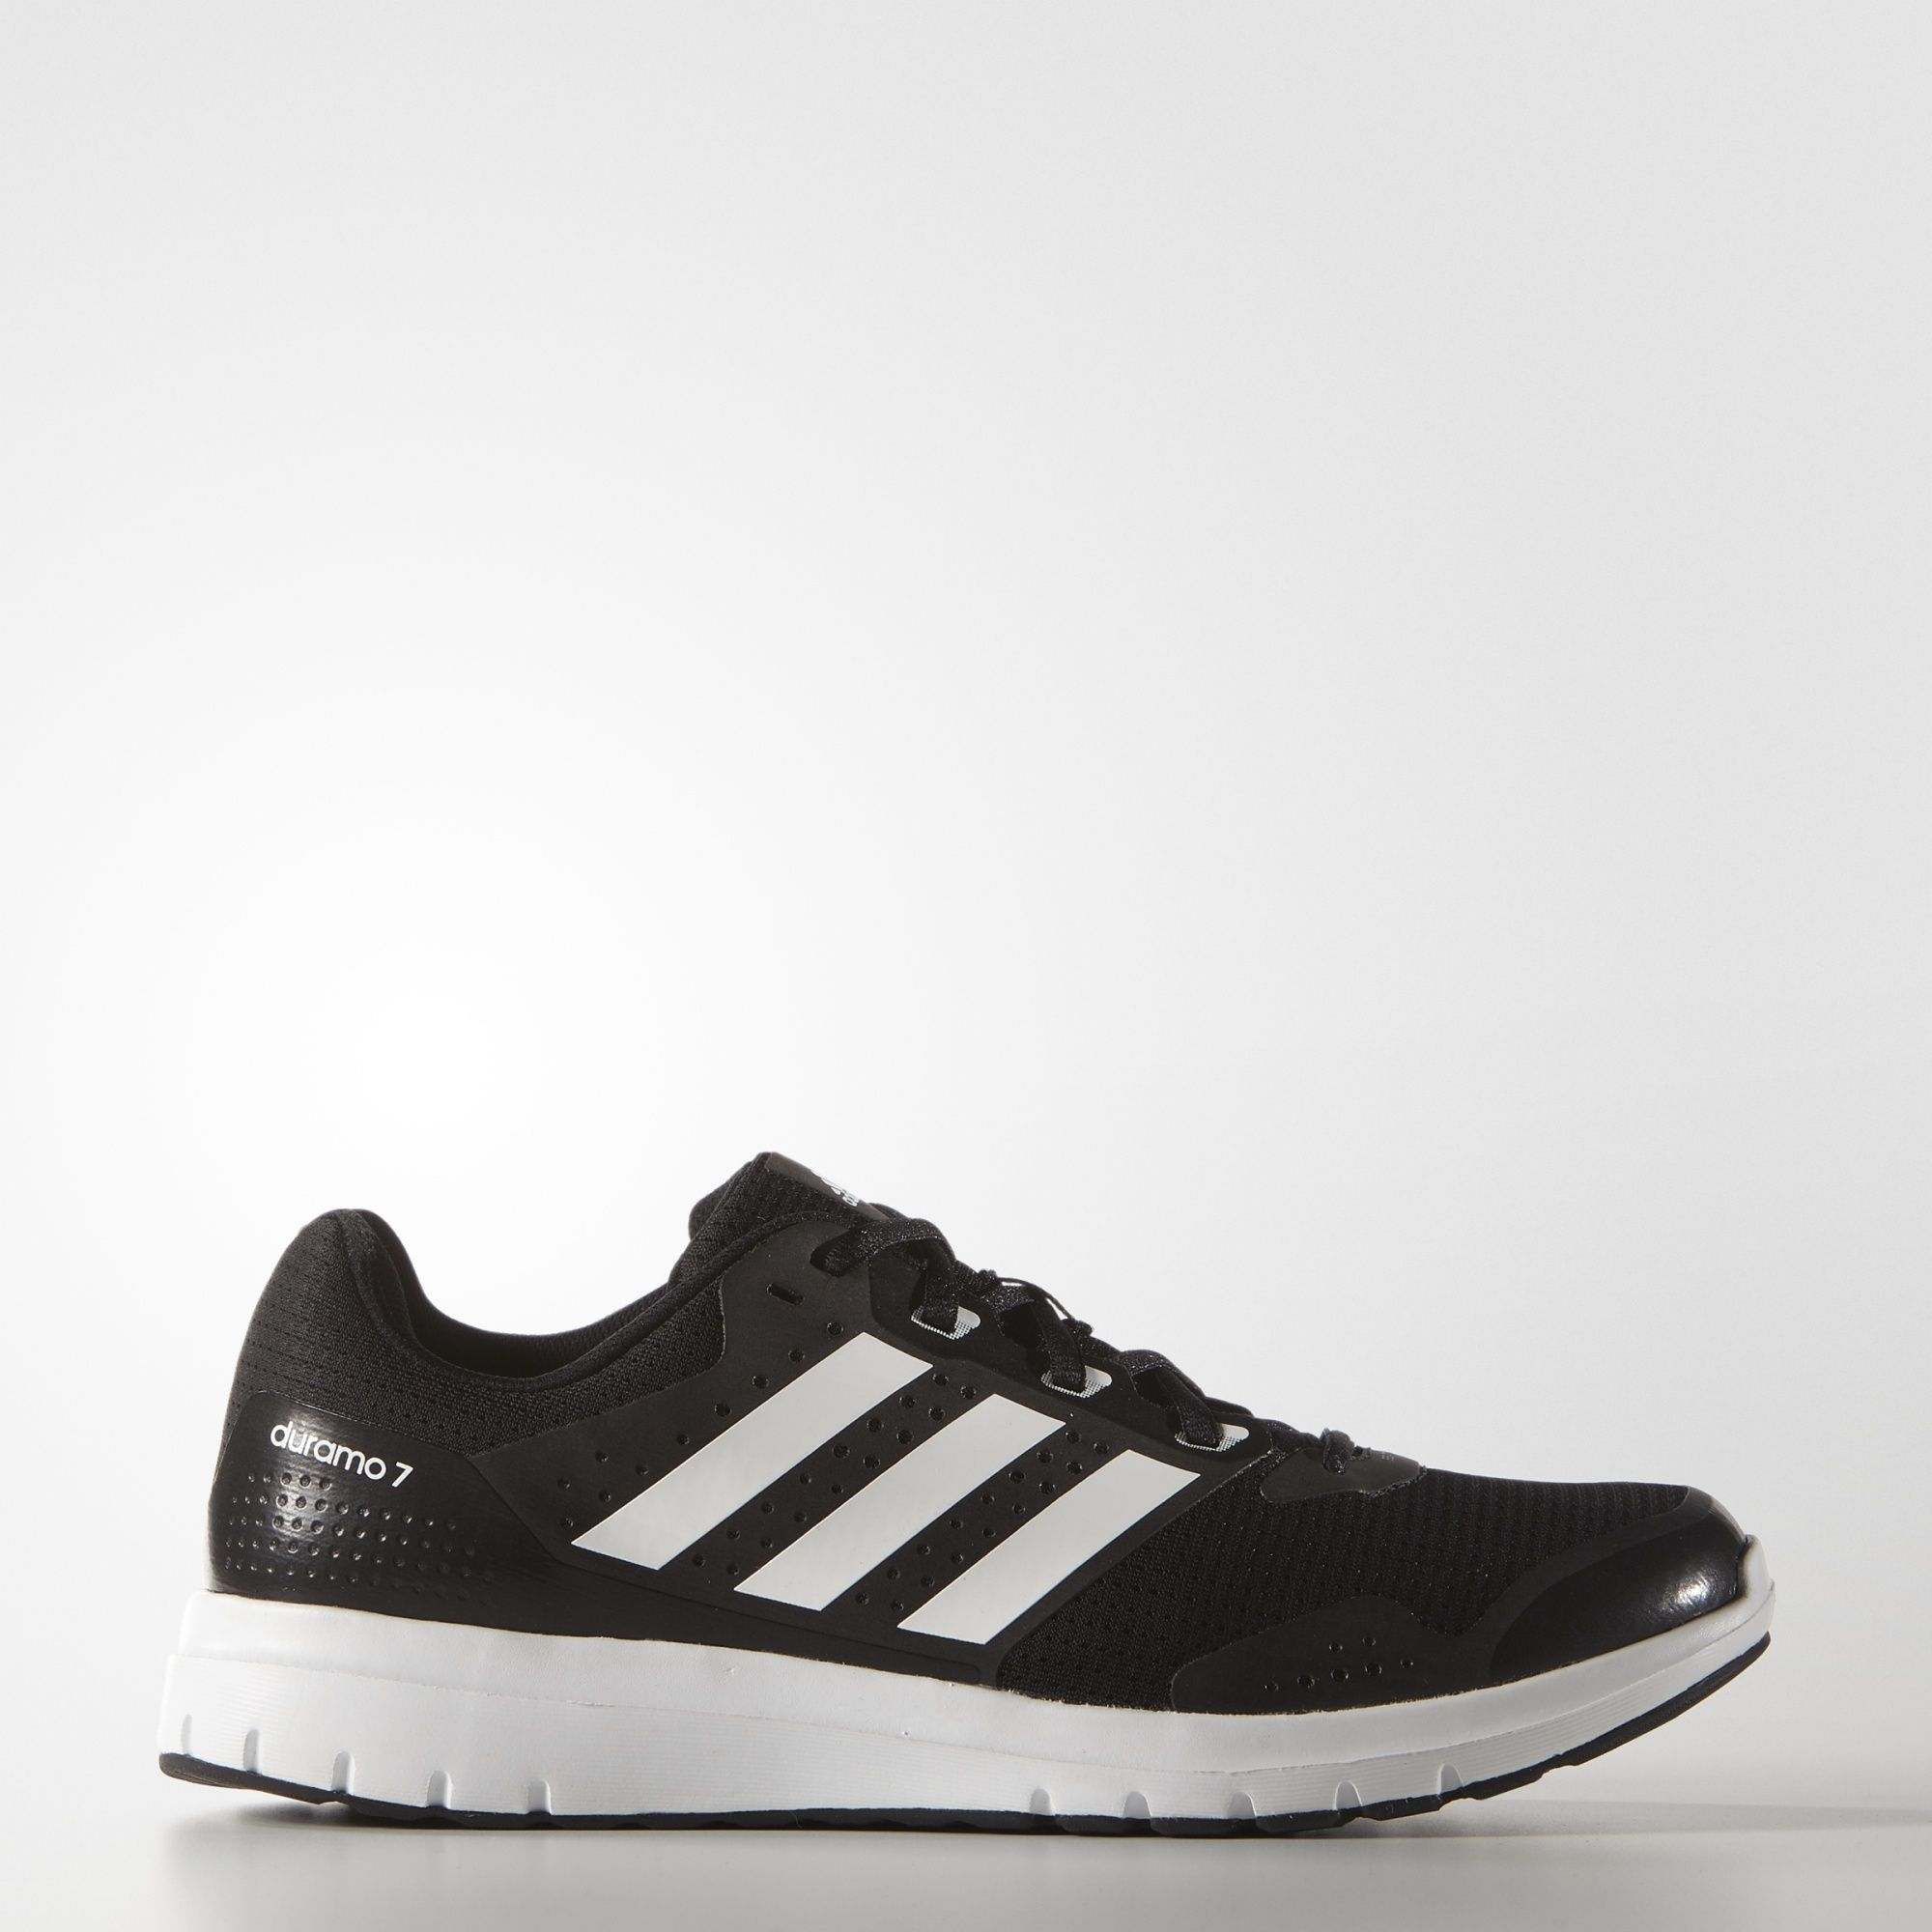 zapatos adidas golf hombre largos